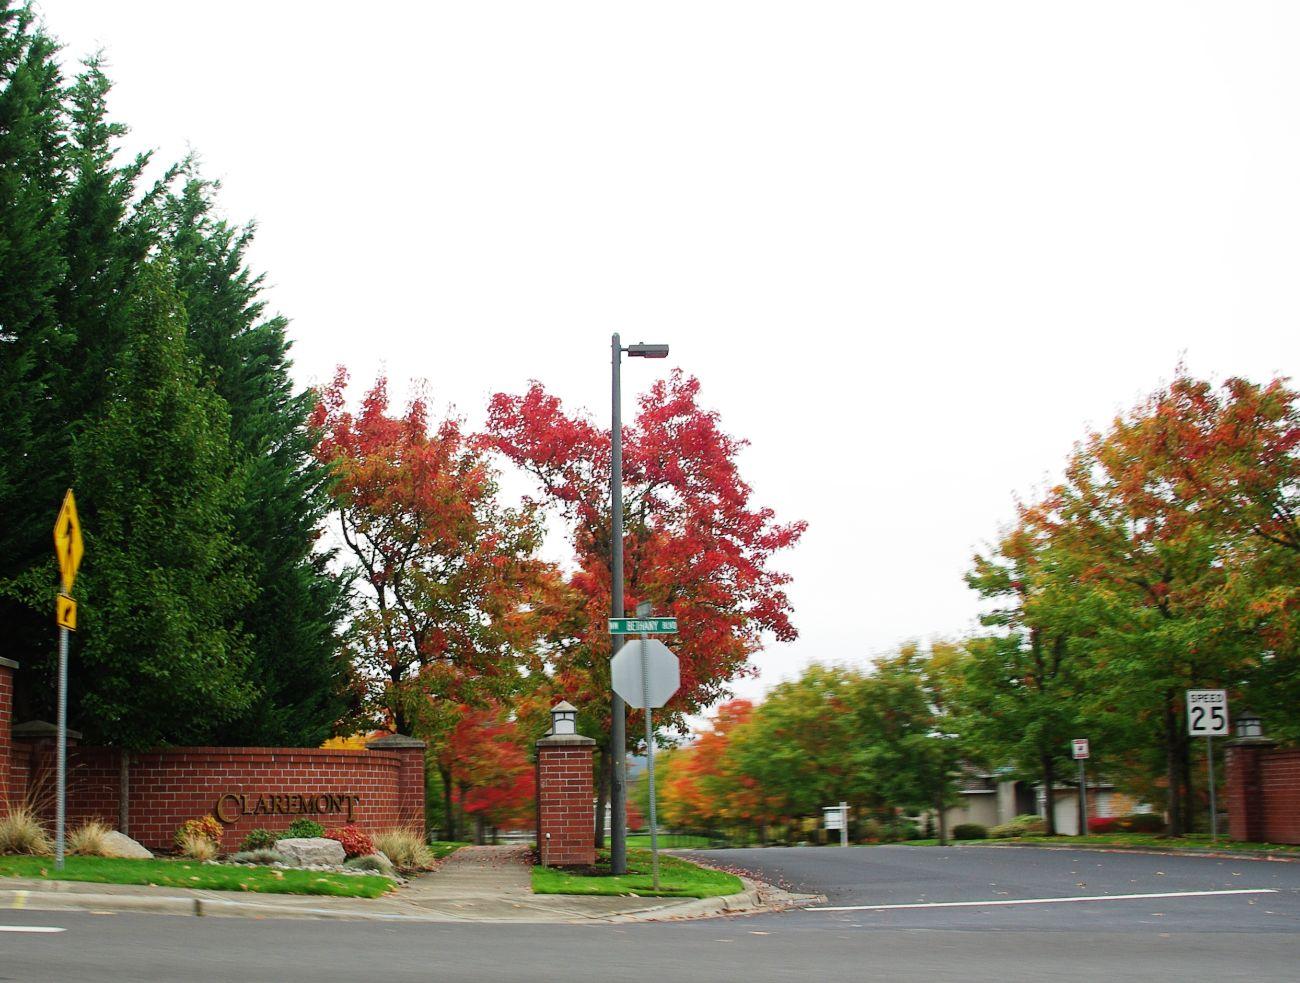 Claremont neighborhood in Bethany, Oregon